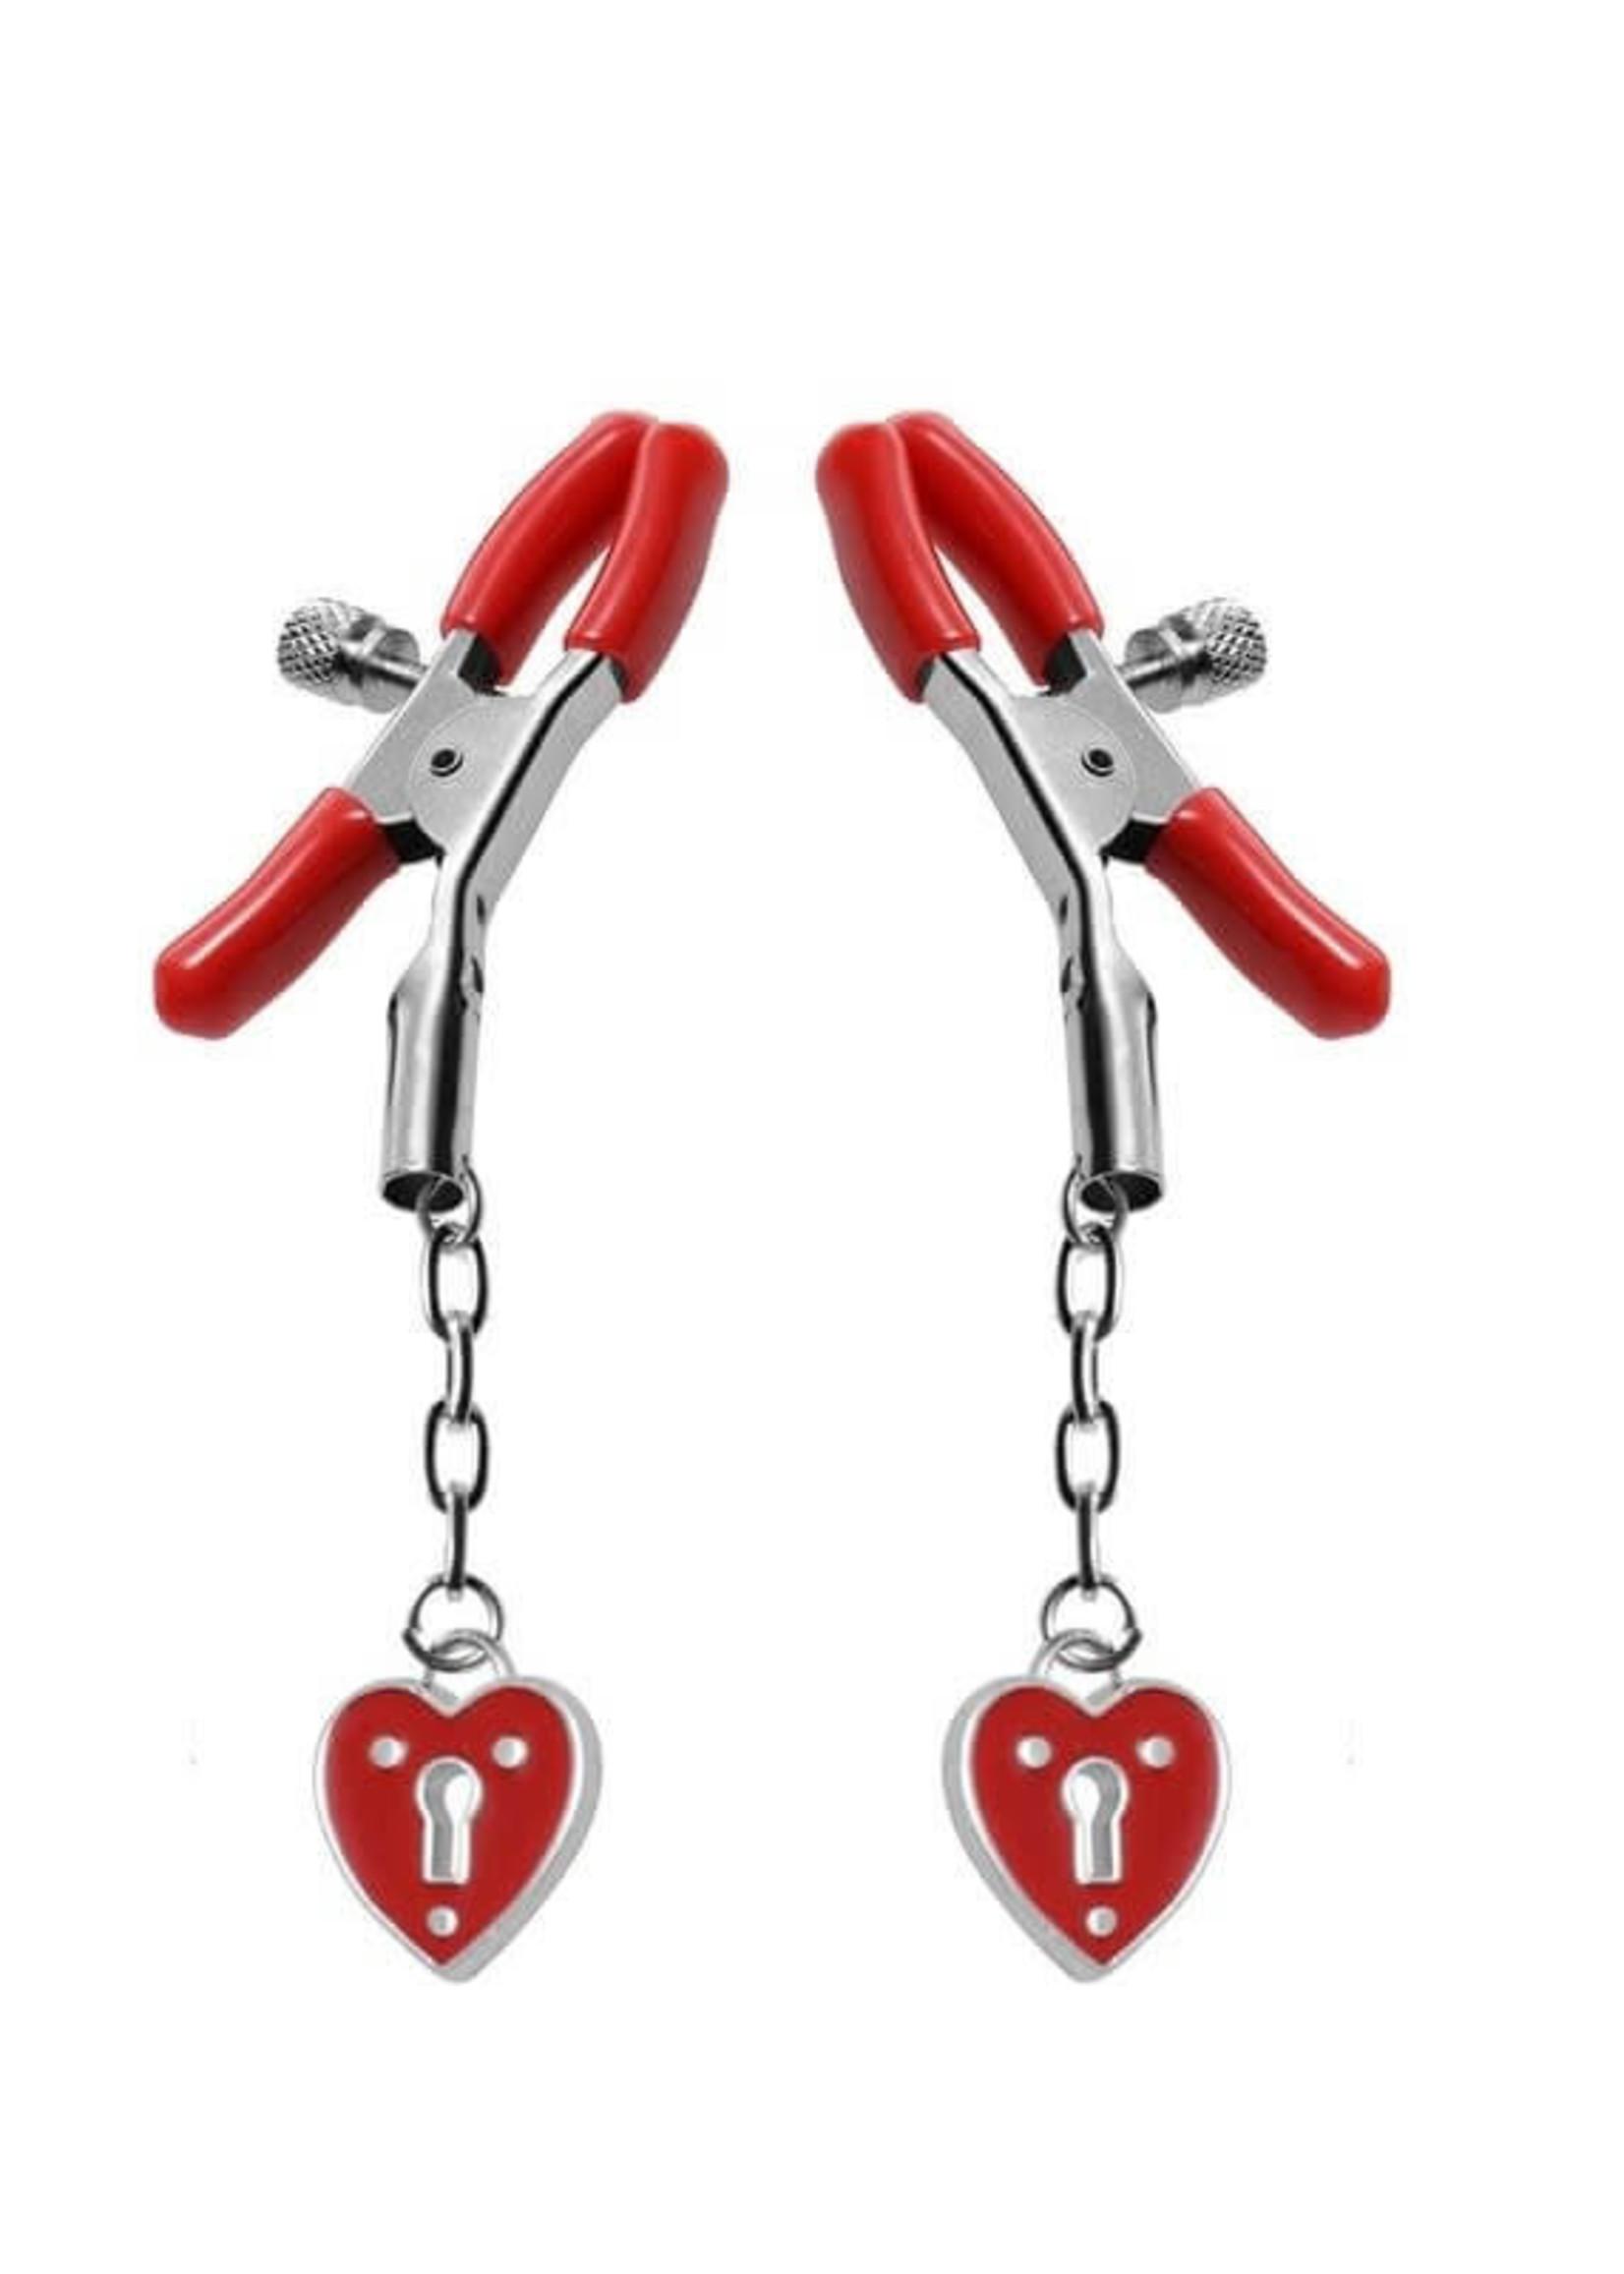 Captive Heart Padlock Nipple Clamps